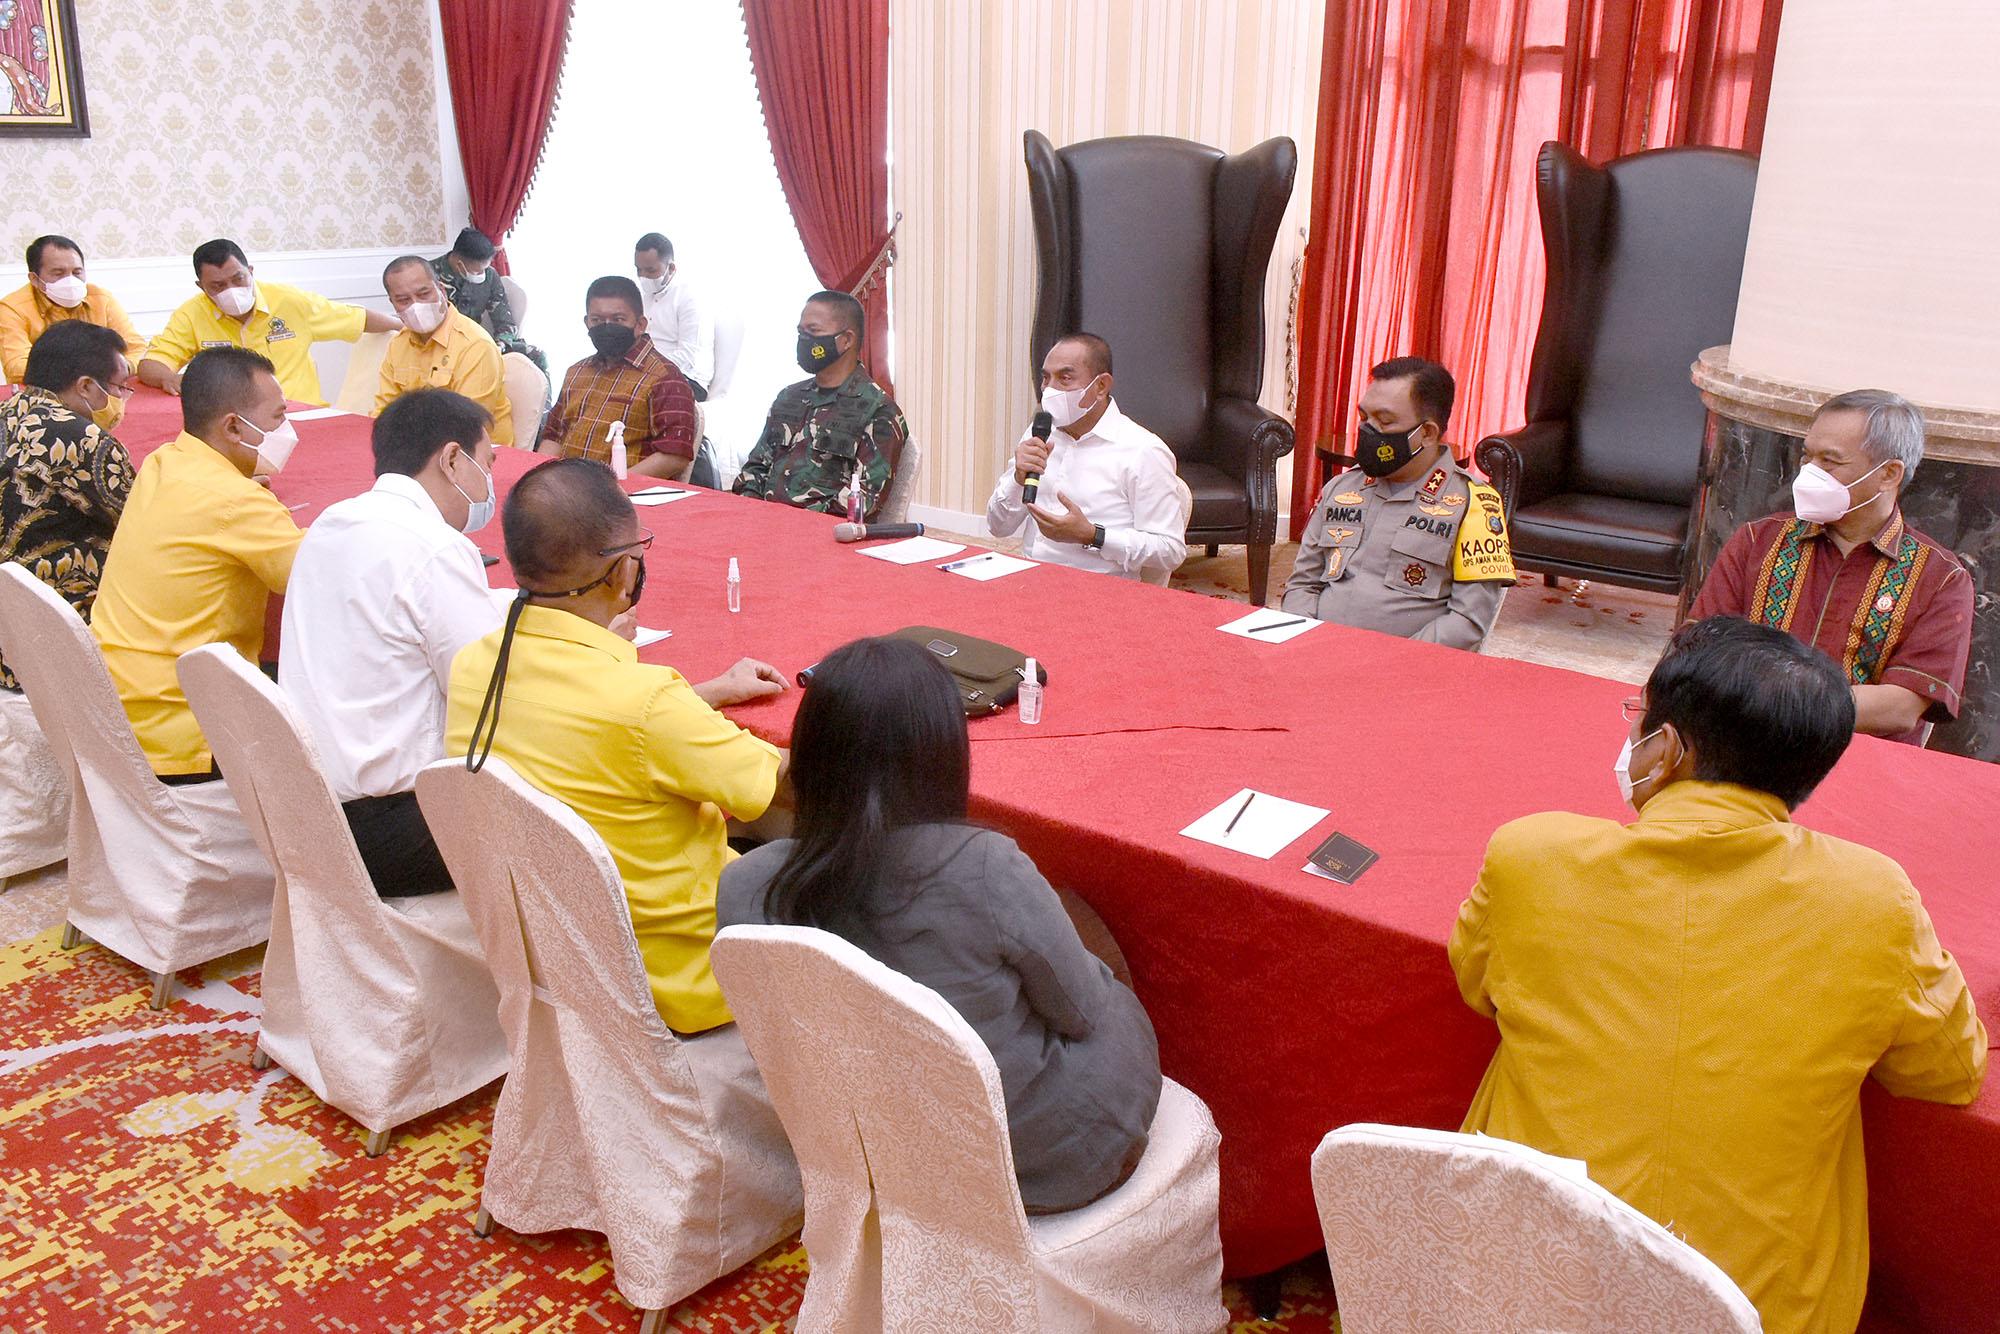 Silaturahmi dengan Anggota DPR RI, Ini yang Disampaikan Gubernur Sumut